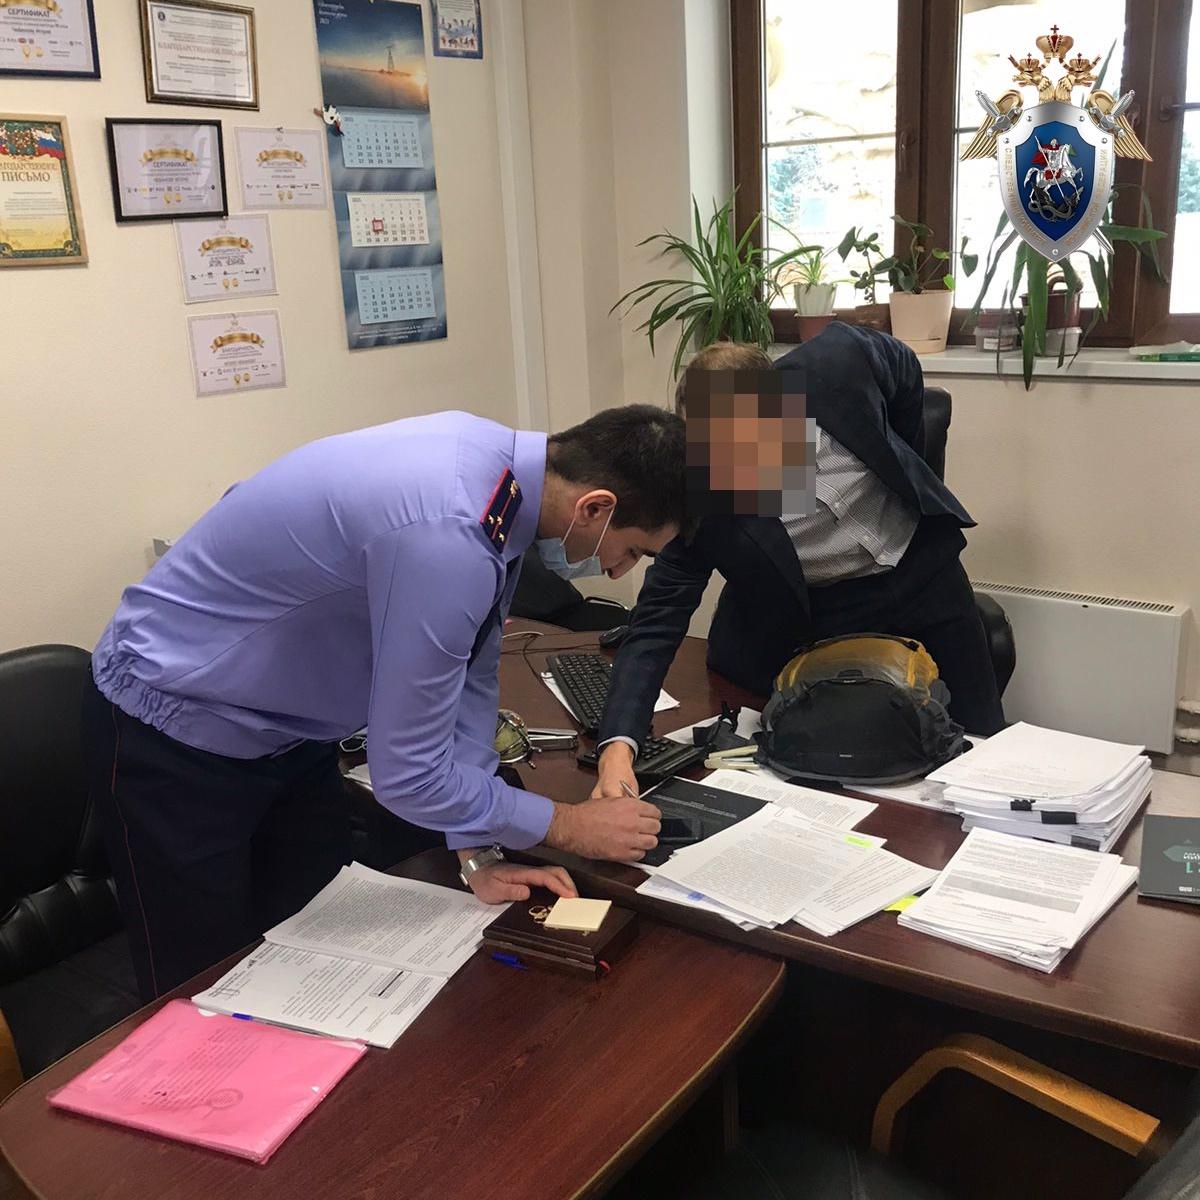 Опубликовано видео задержания чиновника из нижегородского минимущества, подозреваемого в причинении милионного ущерба